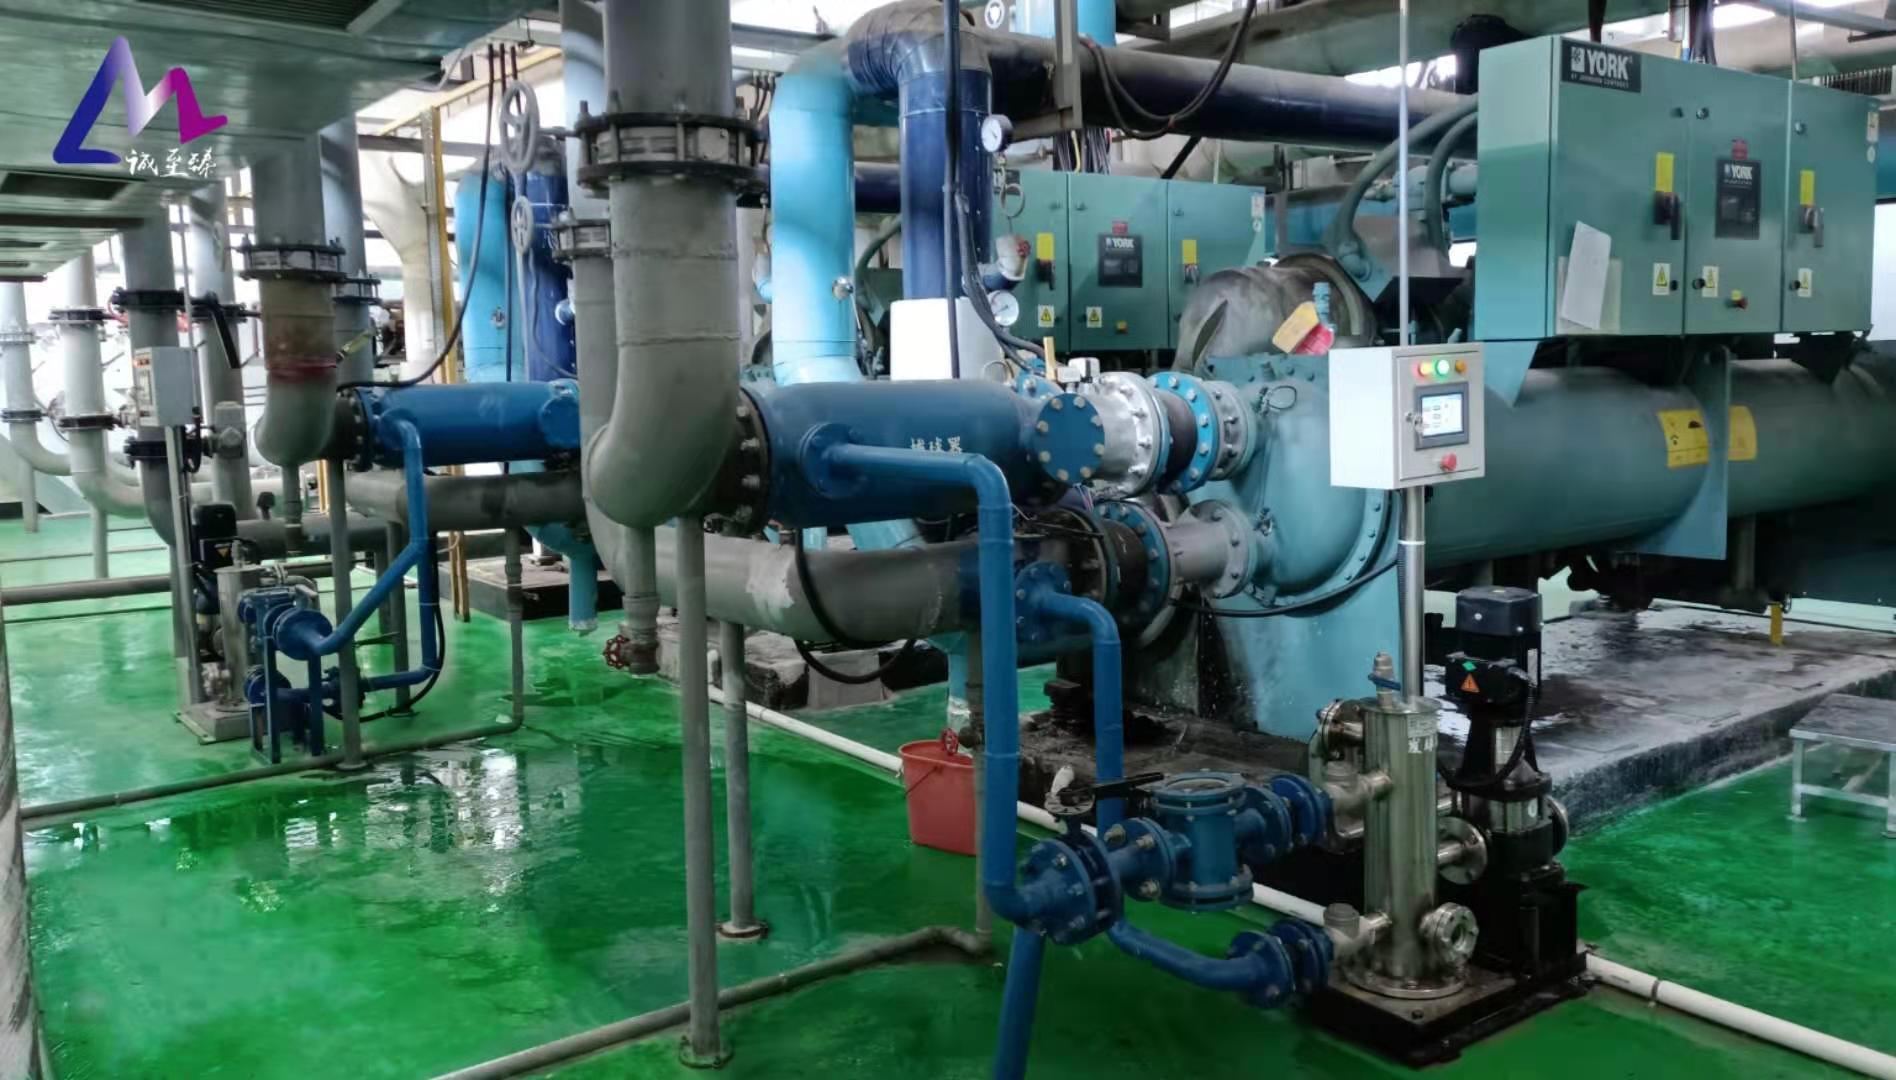 钢材价格上涨:空调在线清洗装置生产商的压力